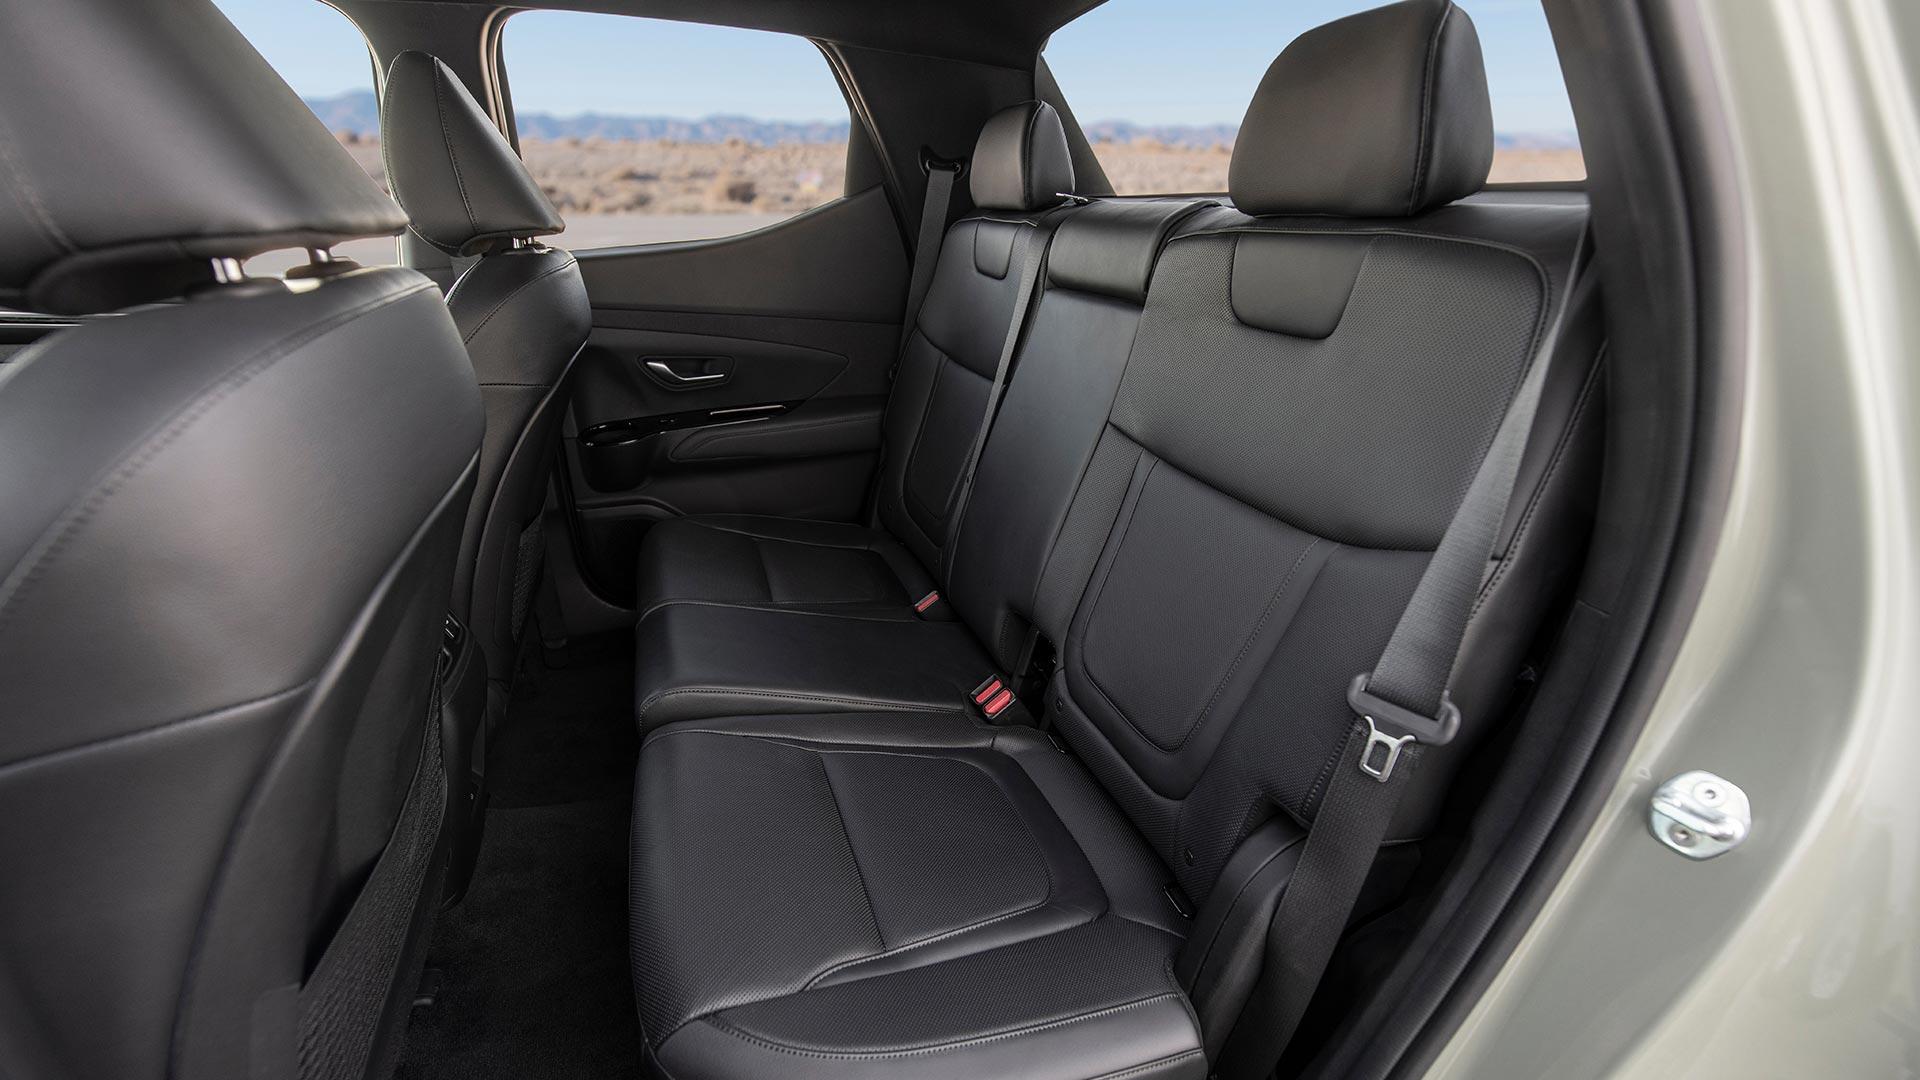 Hyundai Santa Cruz Rear Passenger Seats